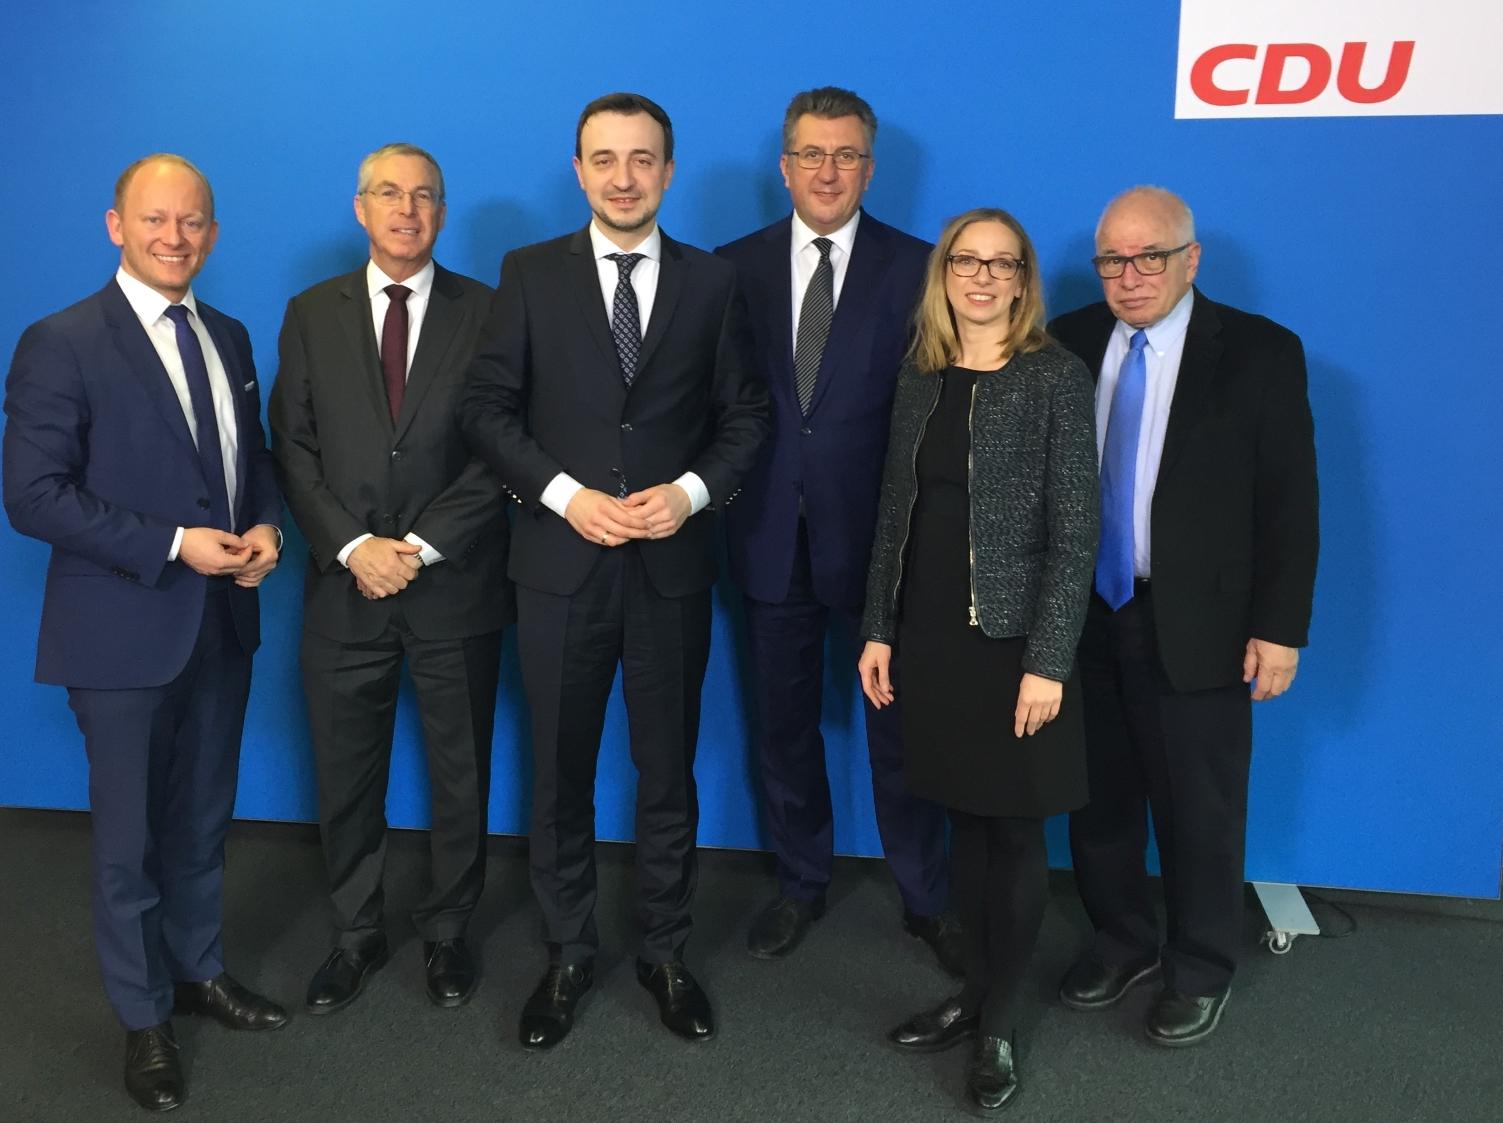 LNET Deutschland traf Paul Ziemiak und Gitta Connemann zu politischen Gesprächen